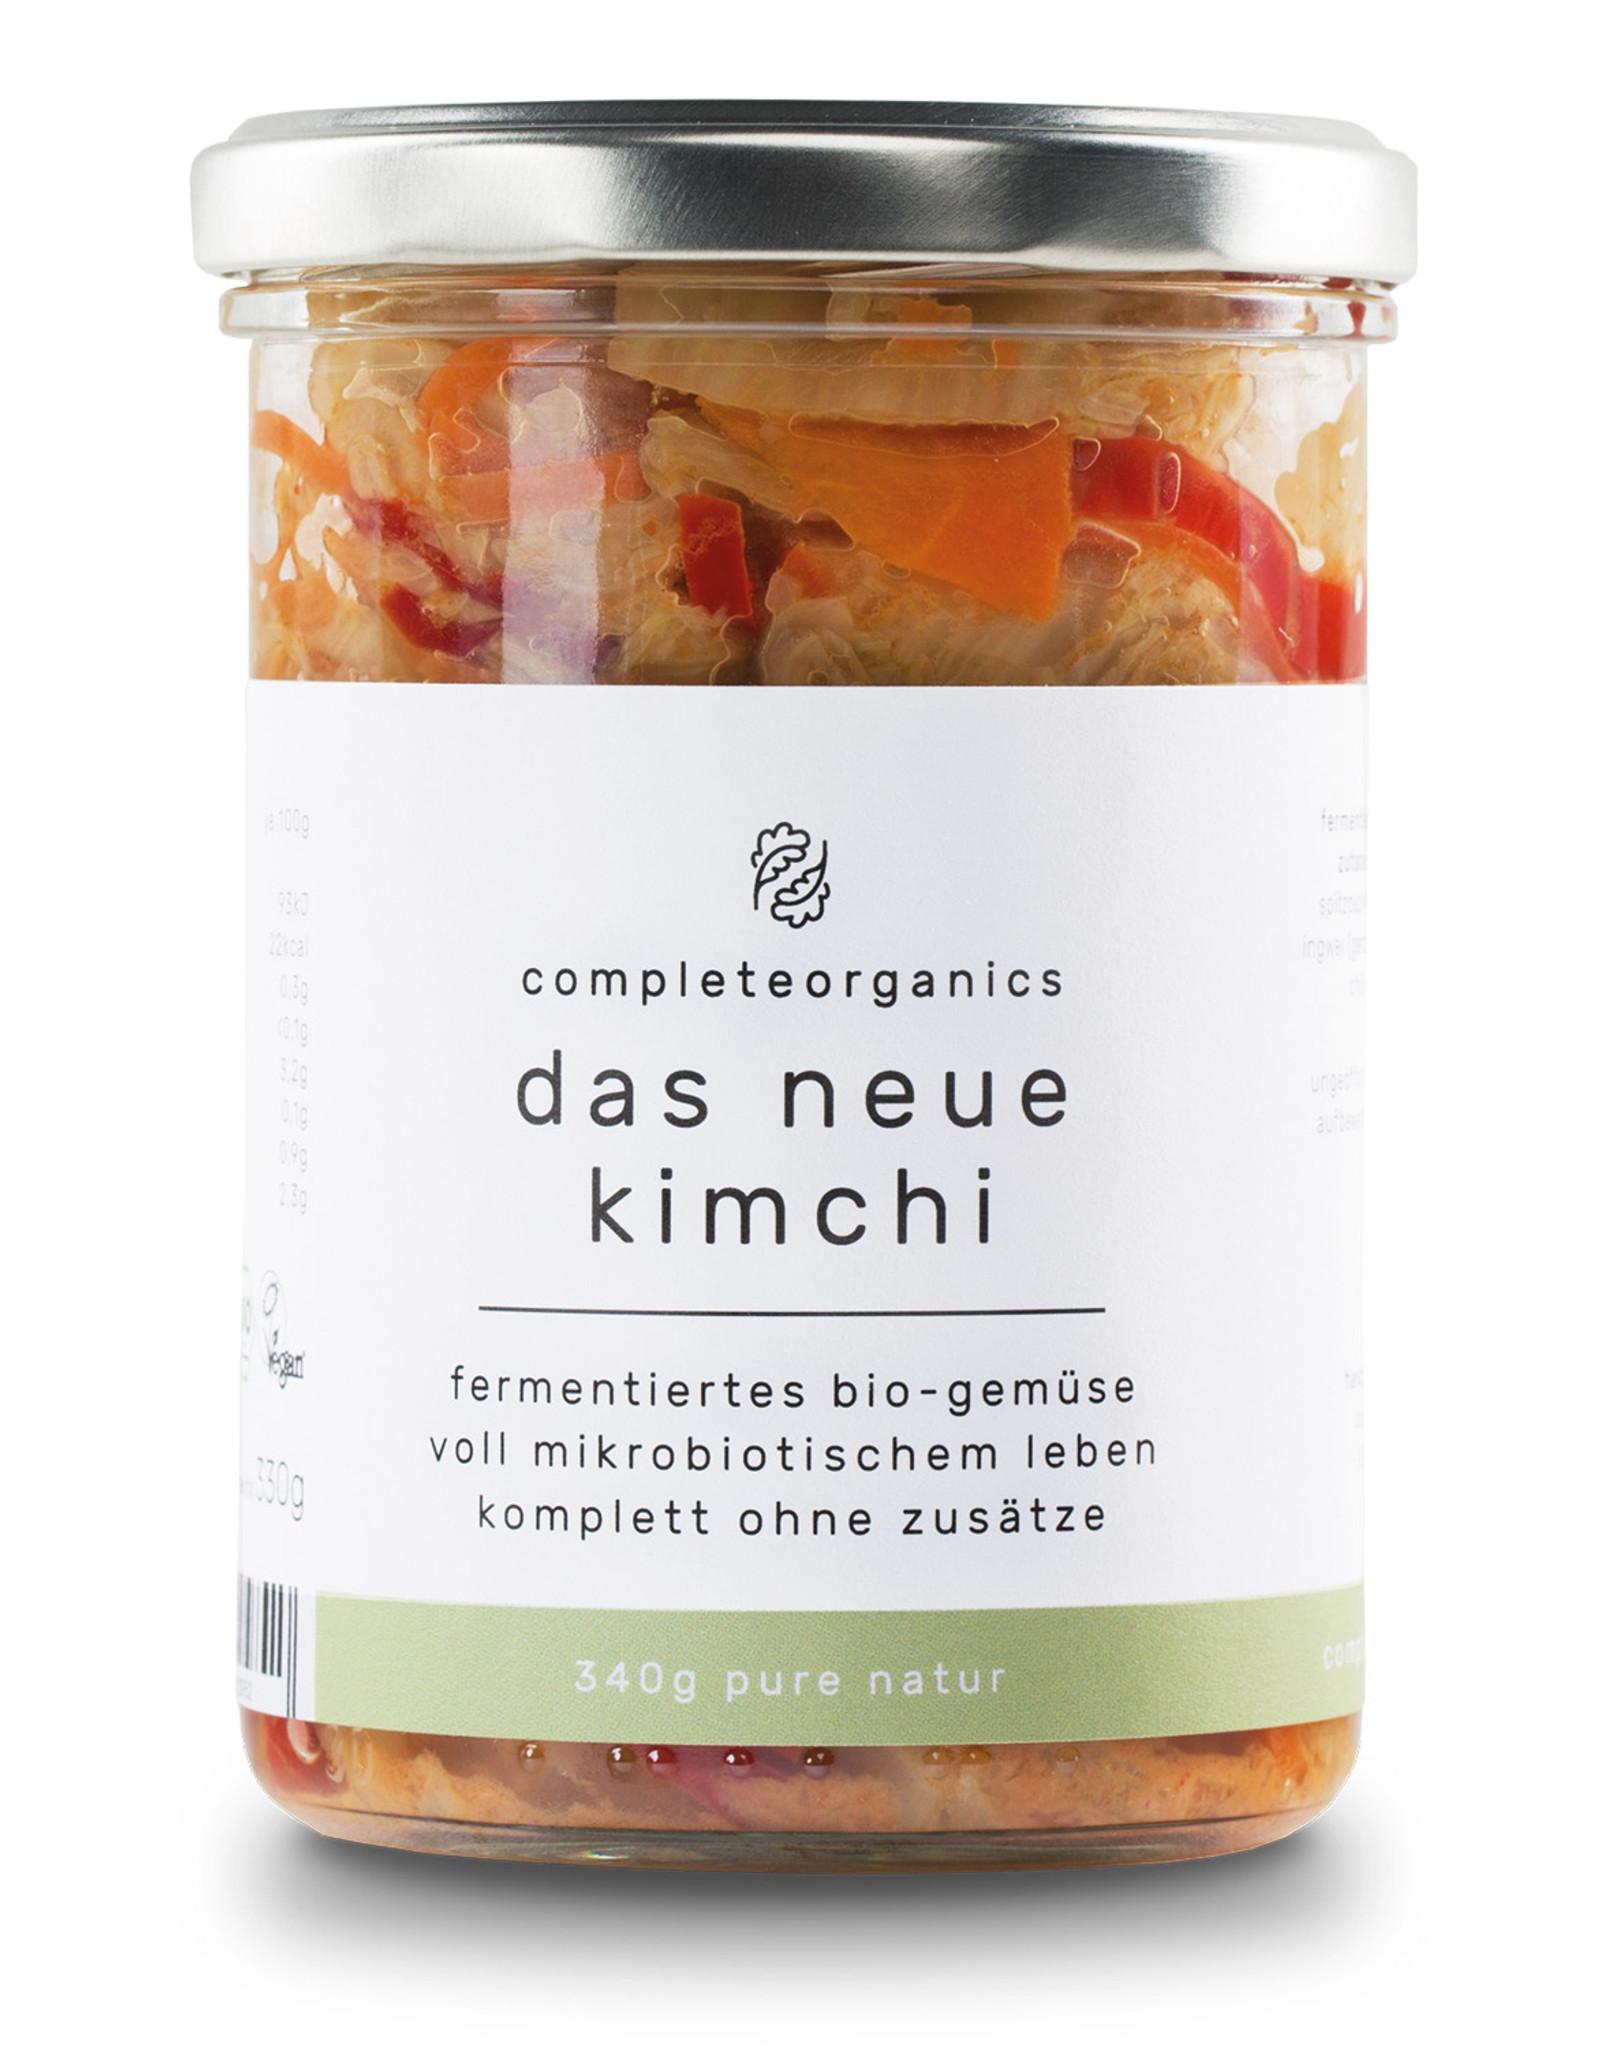 Completeorganics das neue Kimchi Gemüse fermentiert, 340g